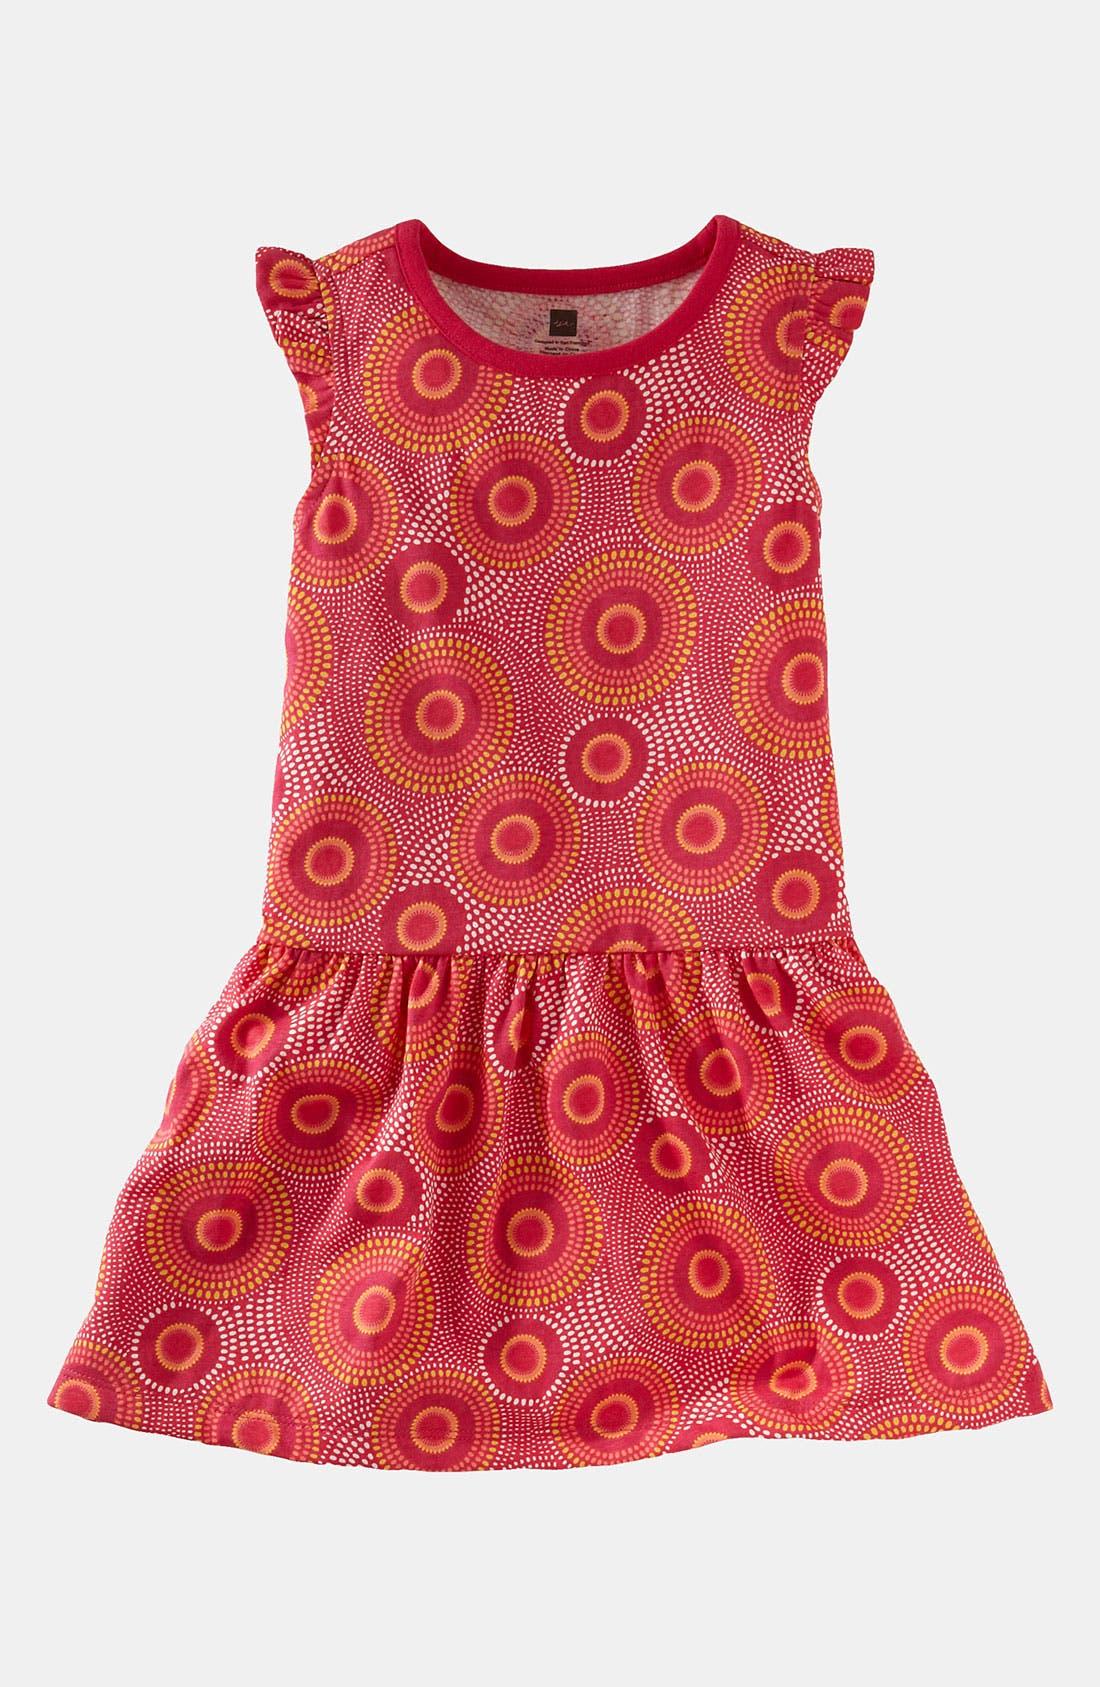 Alternate Image 1 Selected - Tea Collection 'Elm' Flutter Dress (Infant)